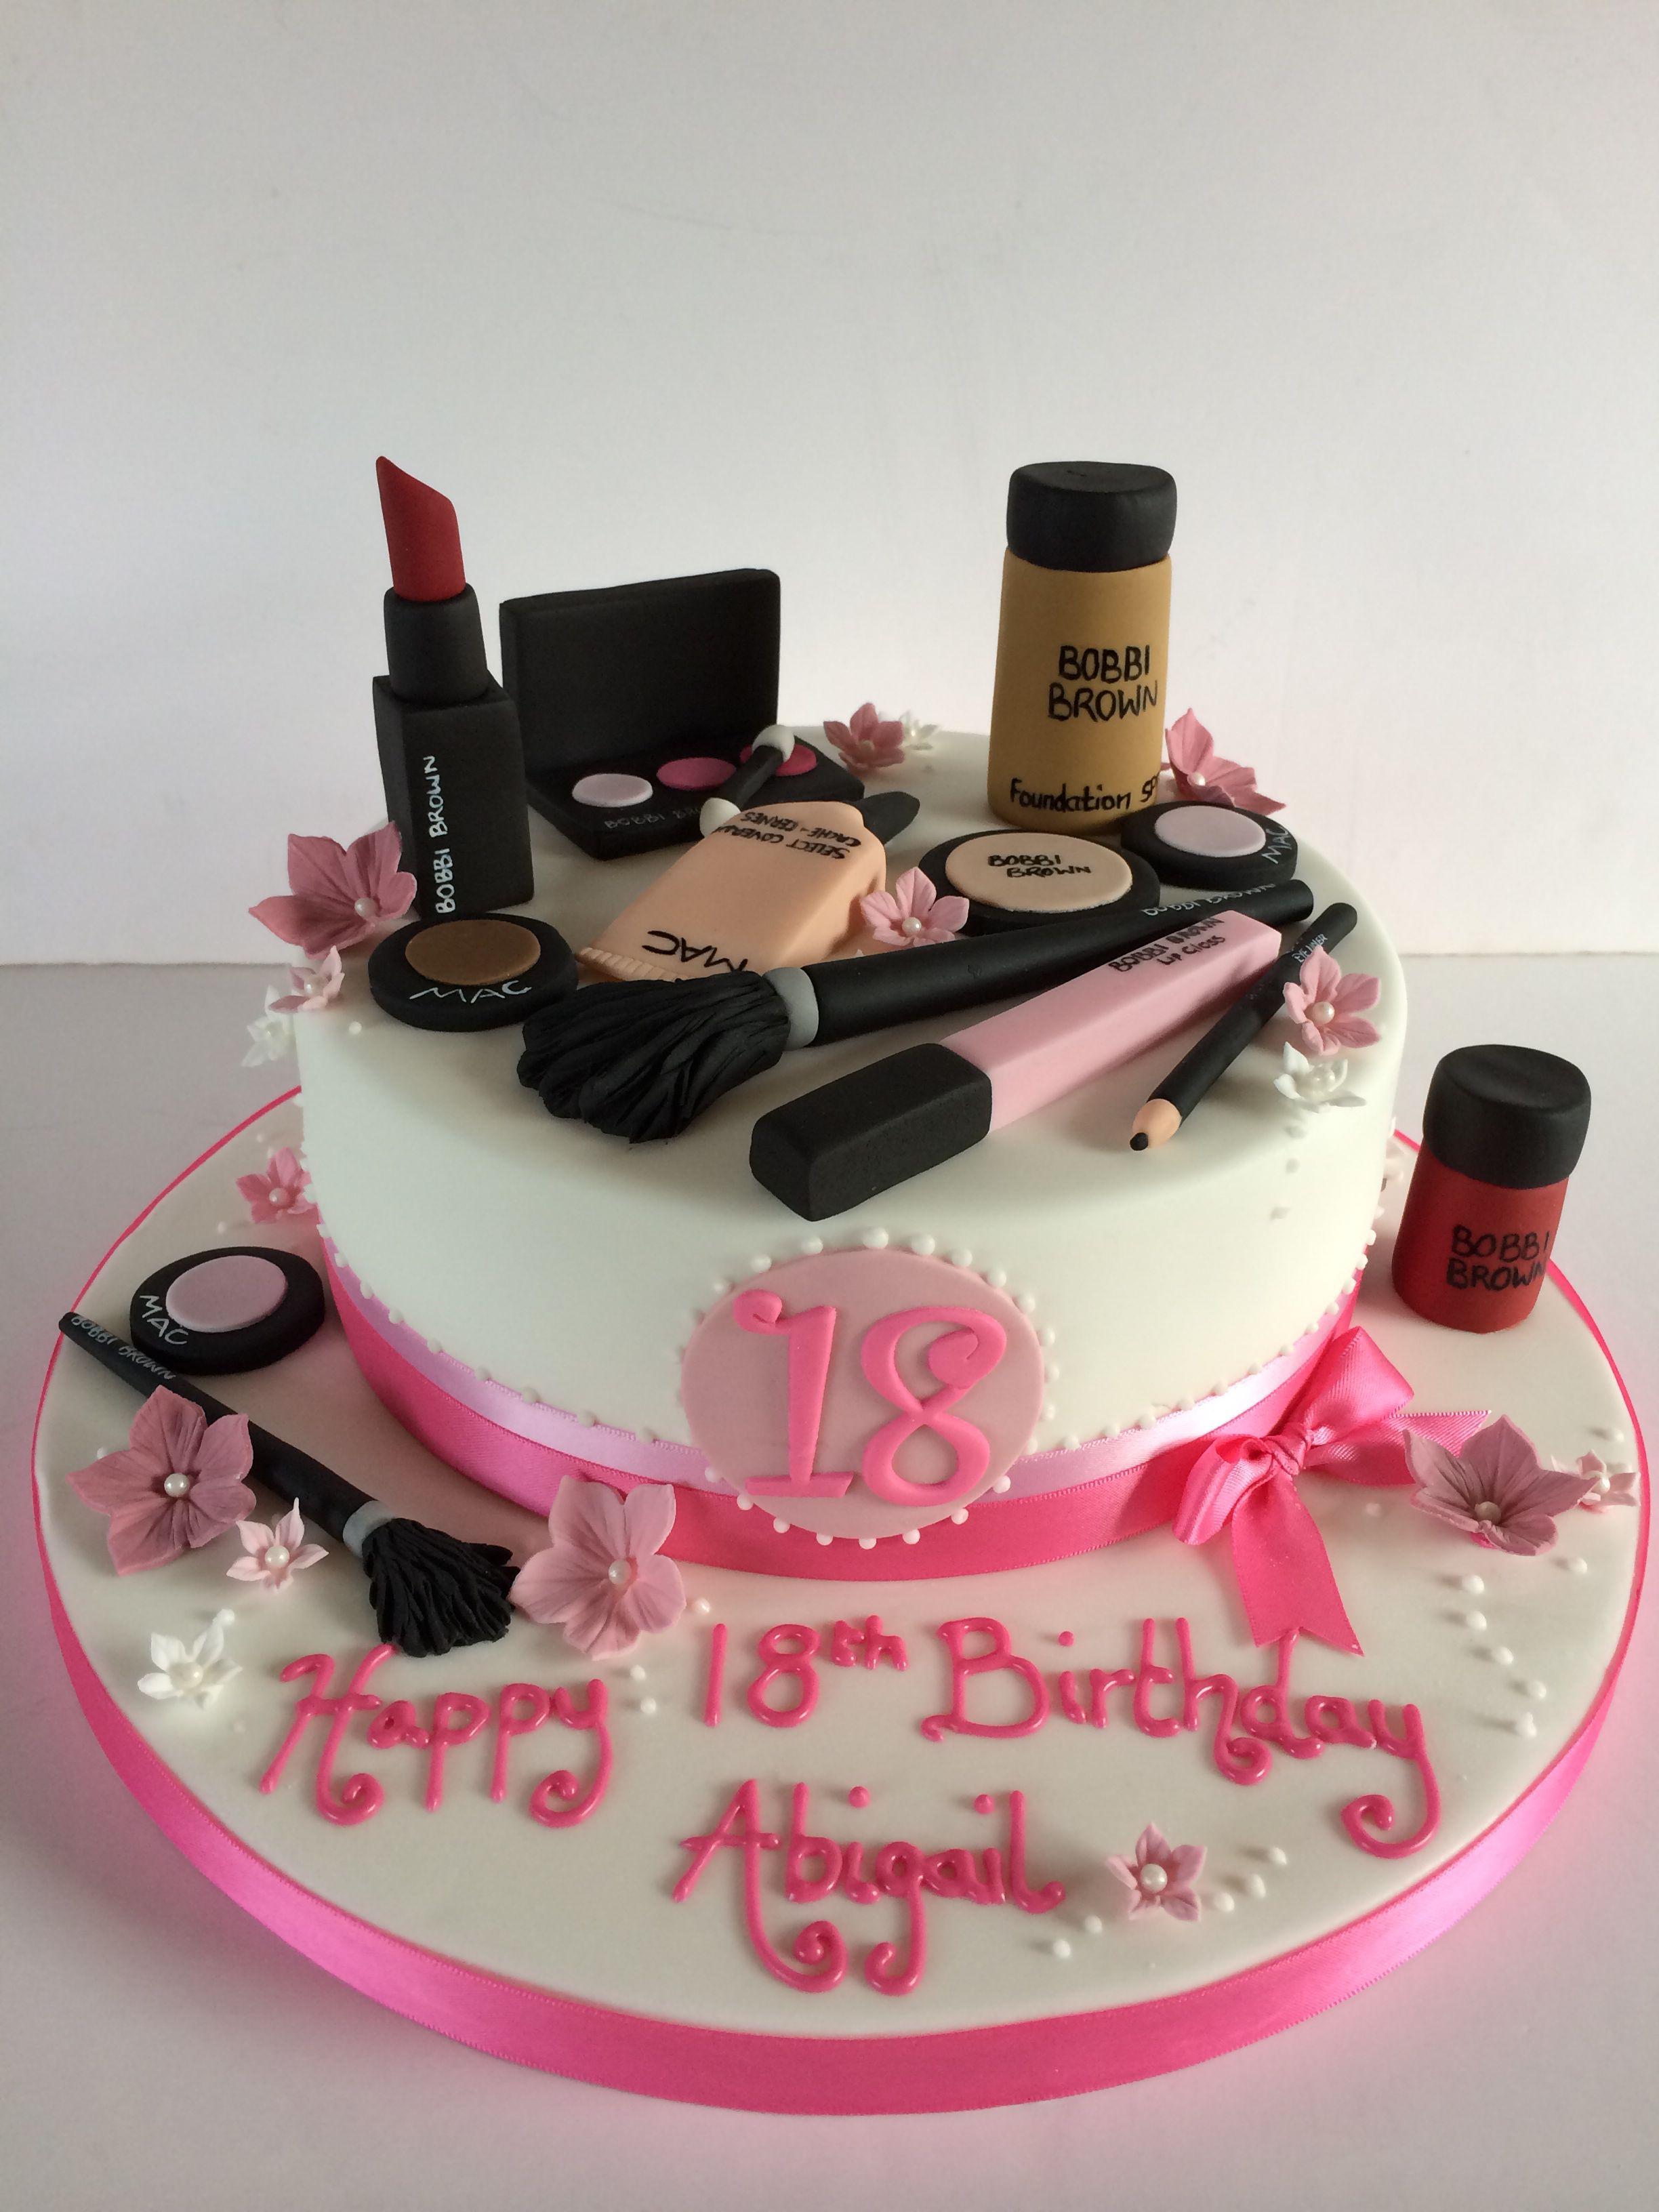 18th Birthday Makeup Cake Makeup Birthday Cakes 18th Birthday Cake Make Up Cake